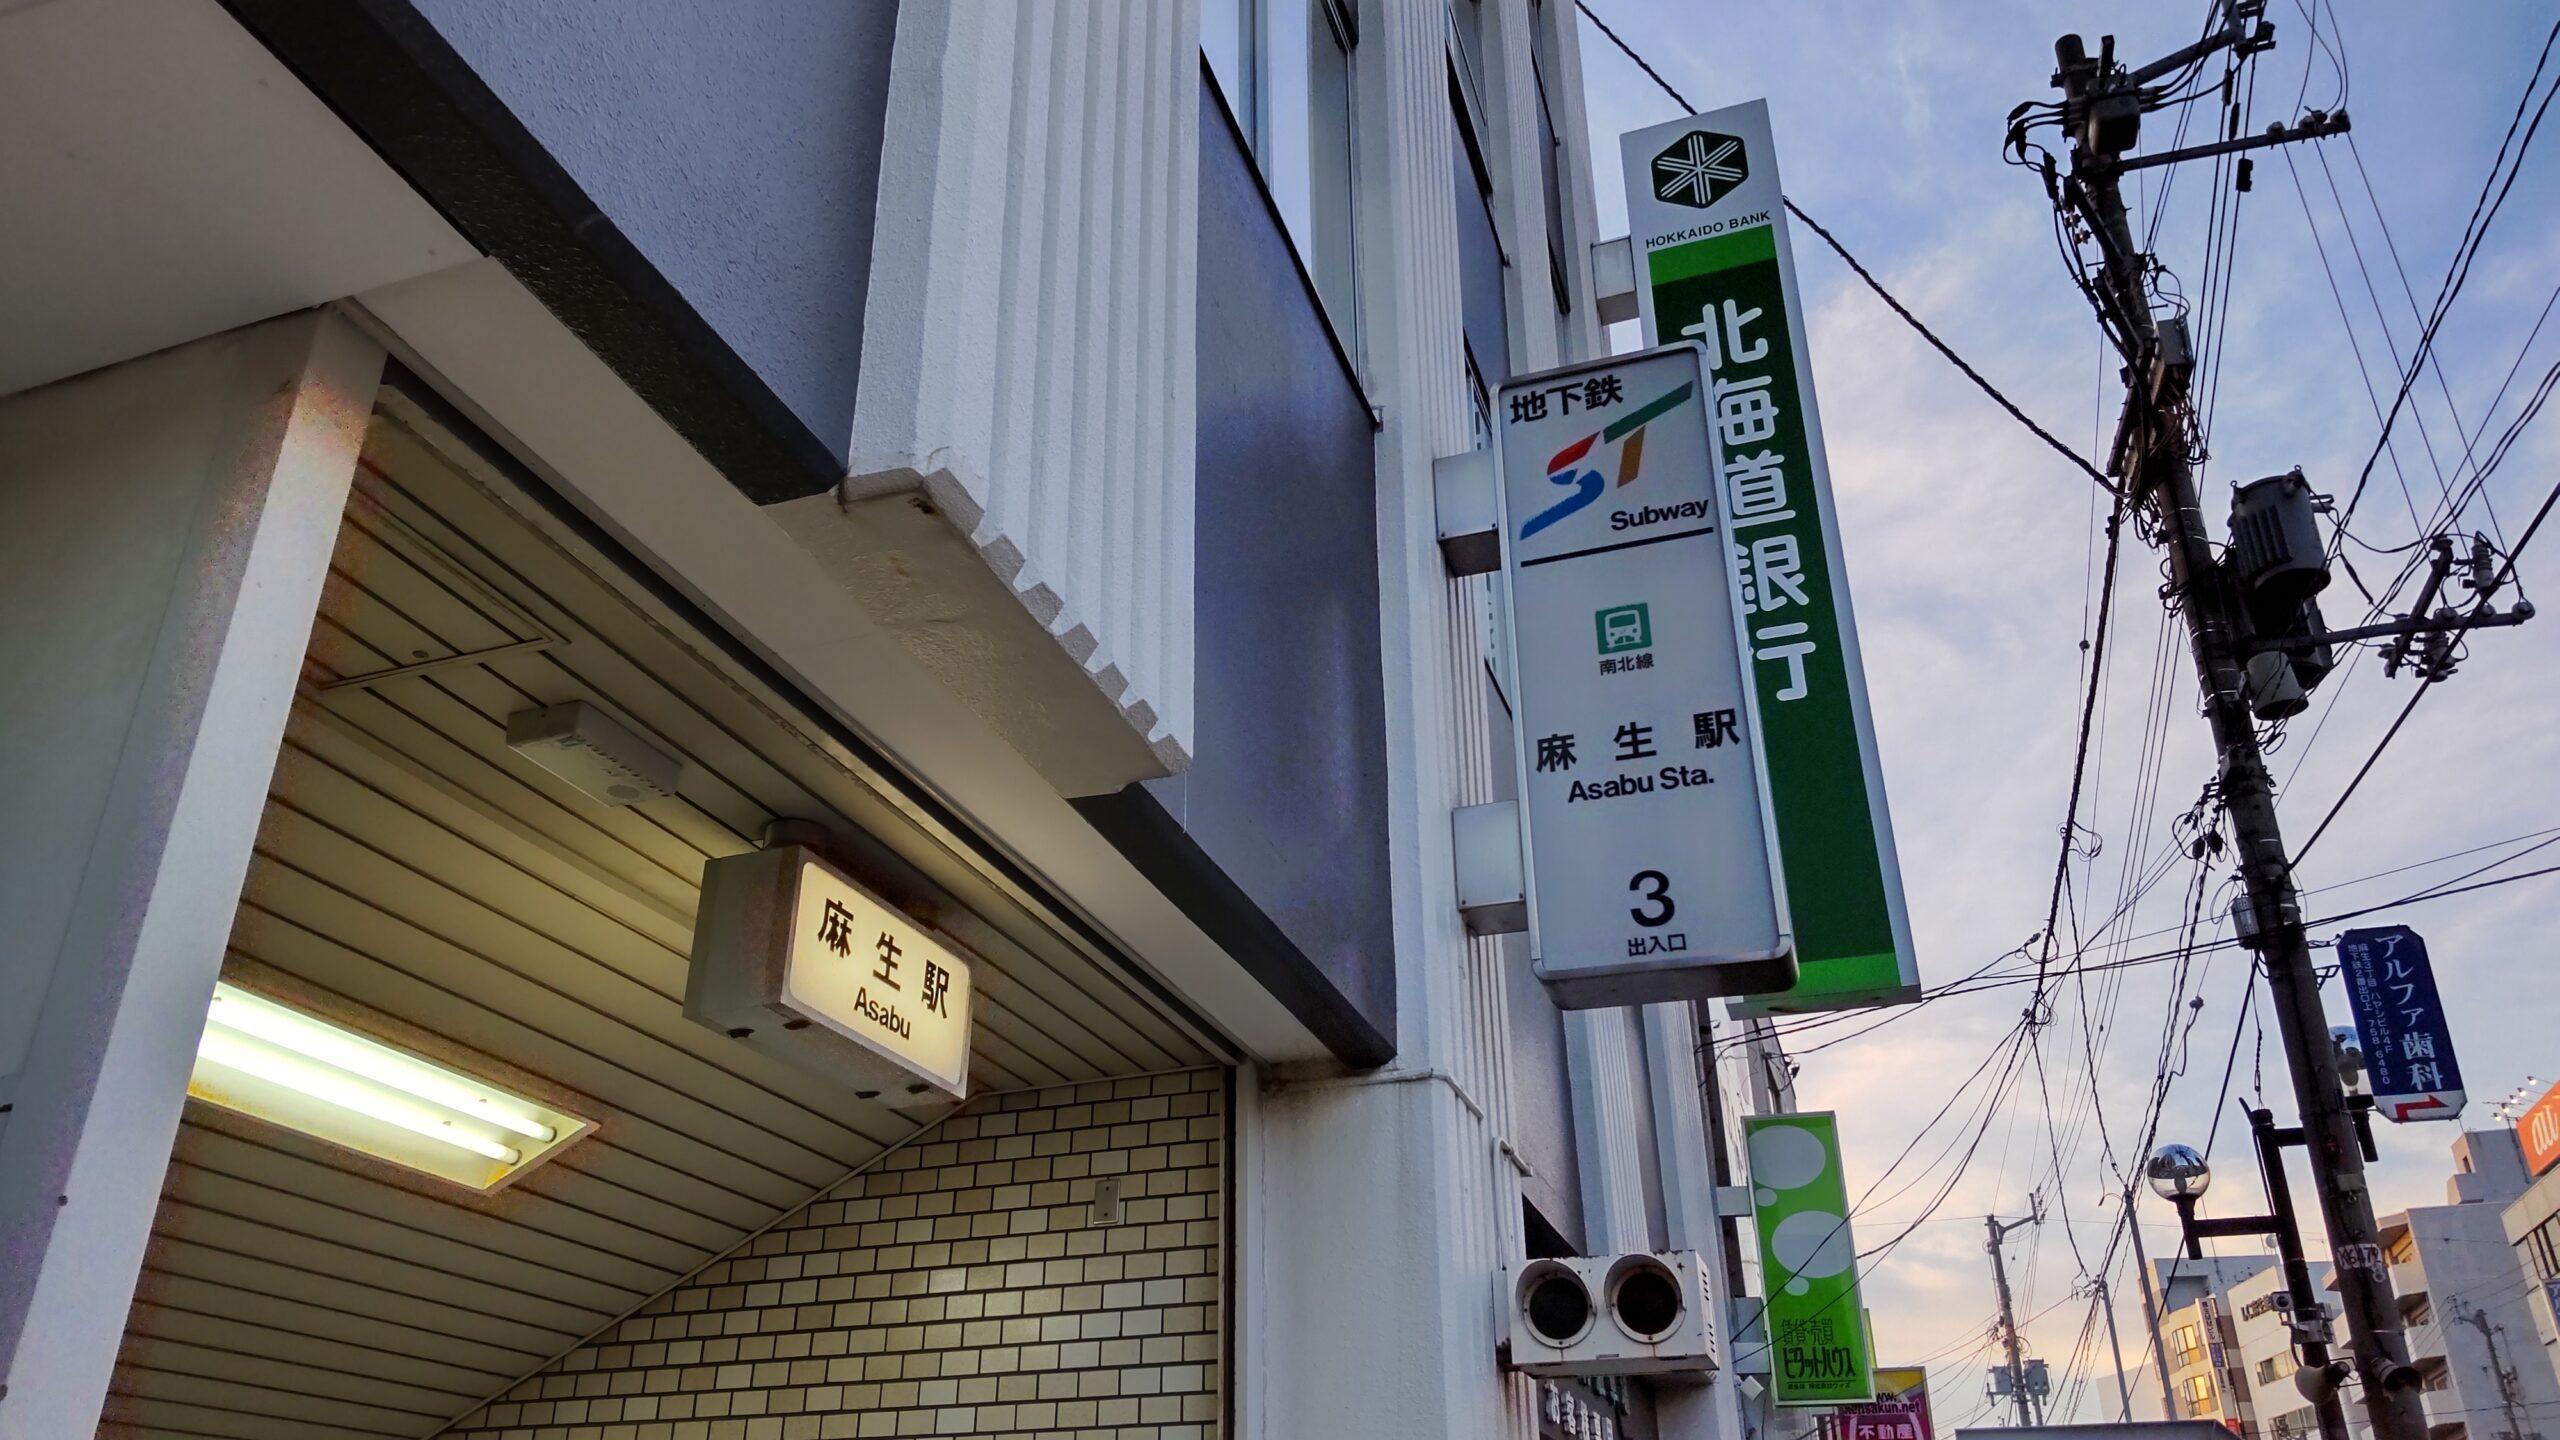 札幌市営地下鉄南北線「麻生駅」